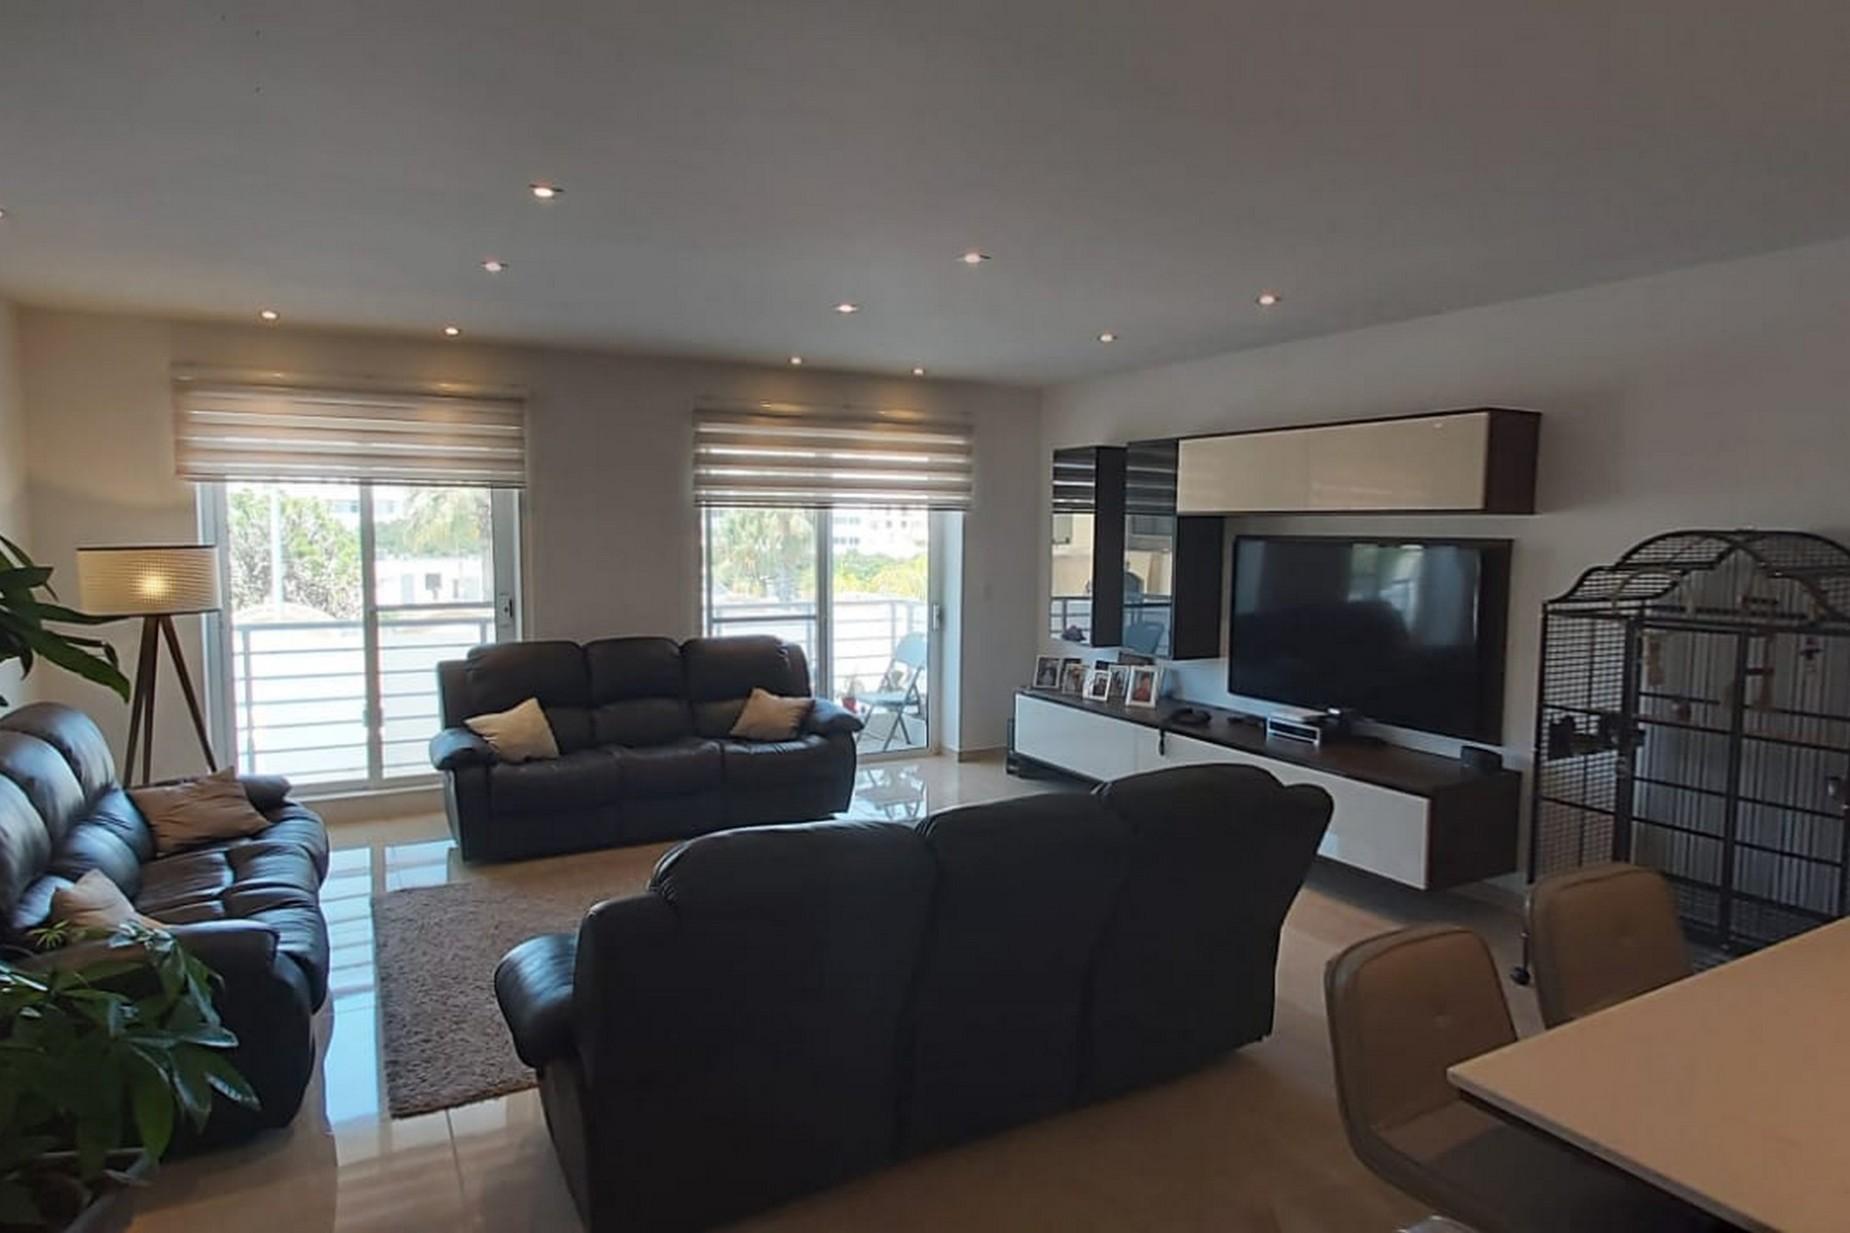 4 bed Apartment For Sale in Santa Venera, Santa Venera - thumb 12